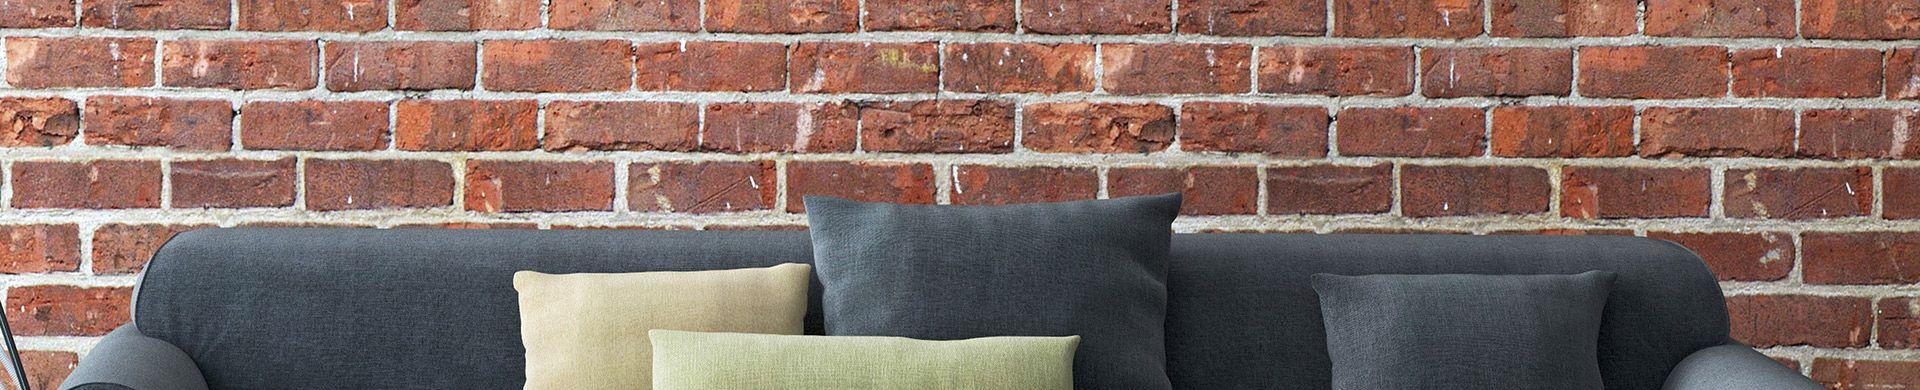 Muri in mattoni a vista sognare muro parete bianca con - Archi mattoni vista in cucina ...